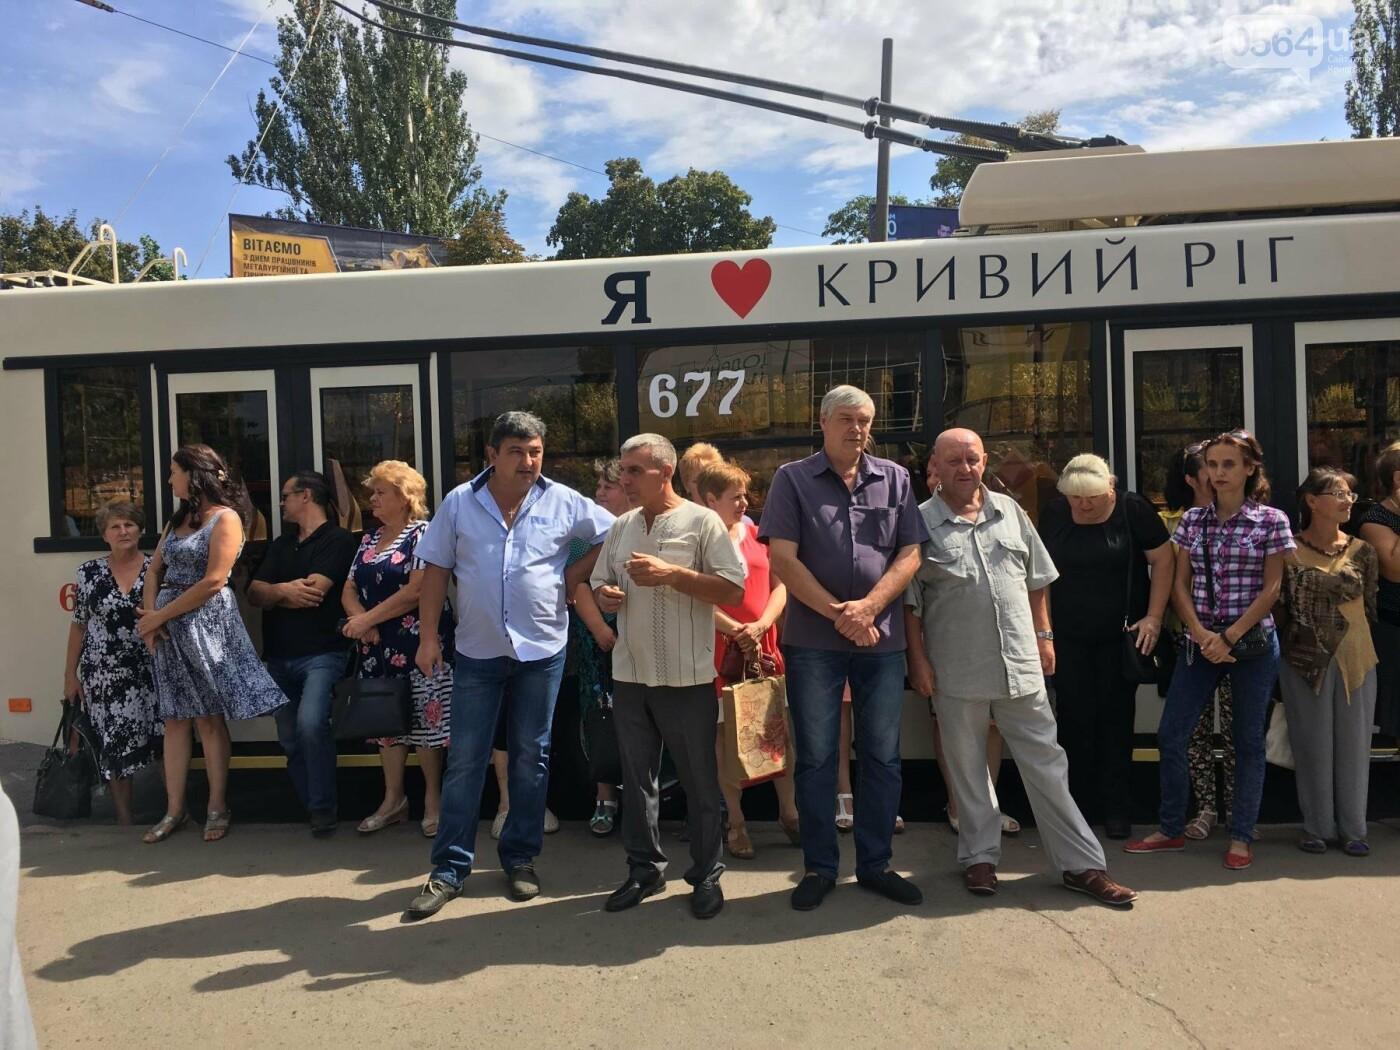 В Кривом Роге выпустили на линию новые троллейбусы и уже думают, как и сохранить их белыми и чистыми, - ФОТО, ВИДЕО, фото-34